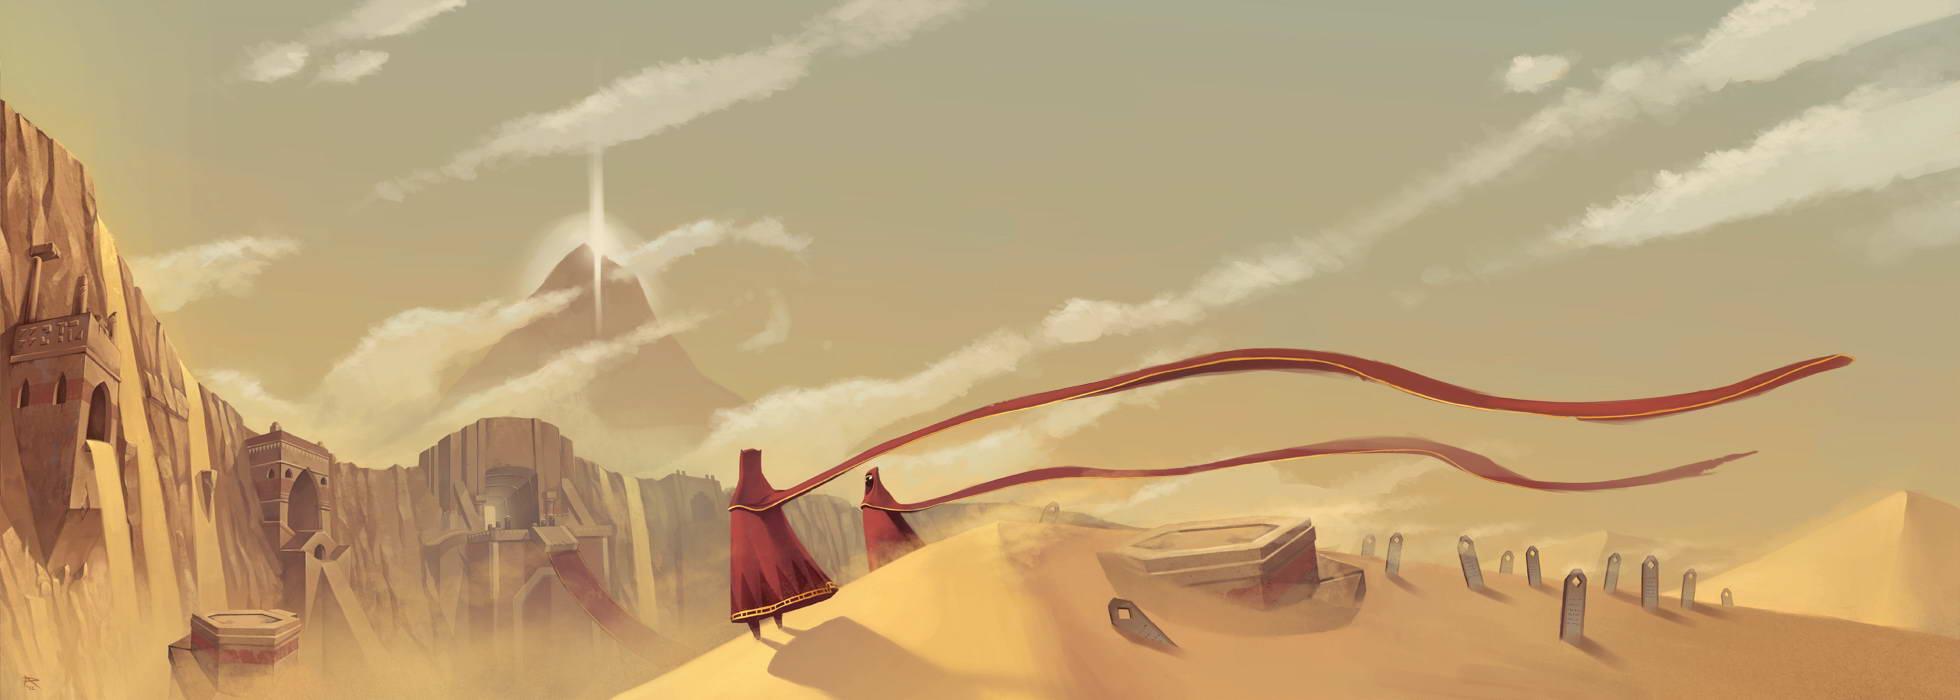 Арт Journey